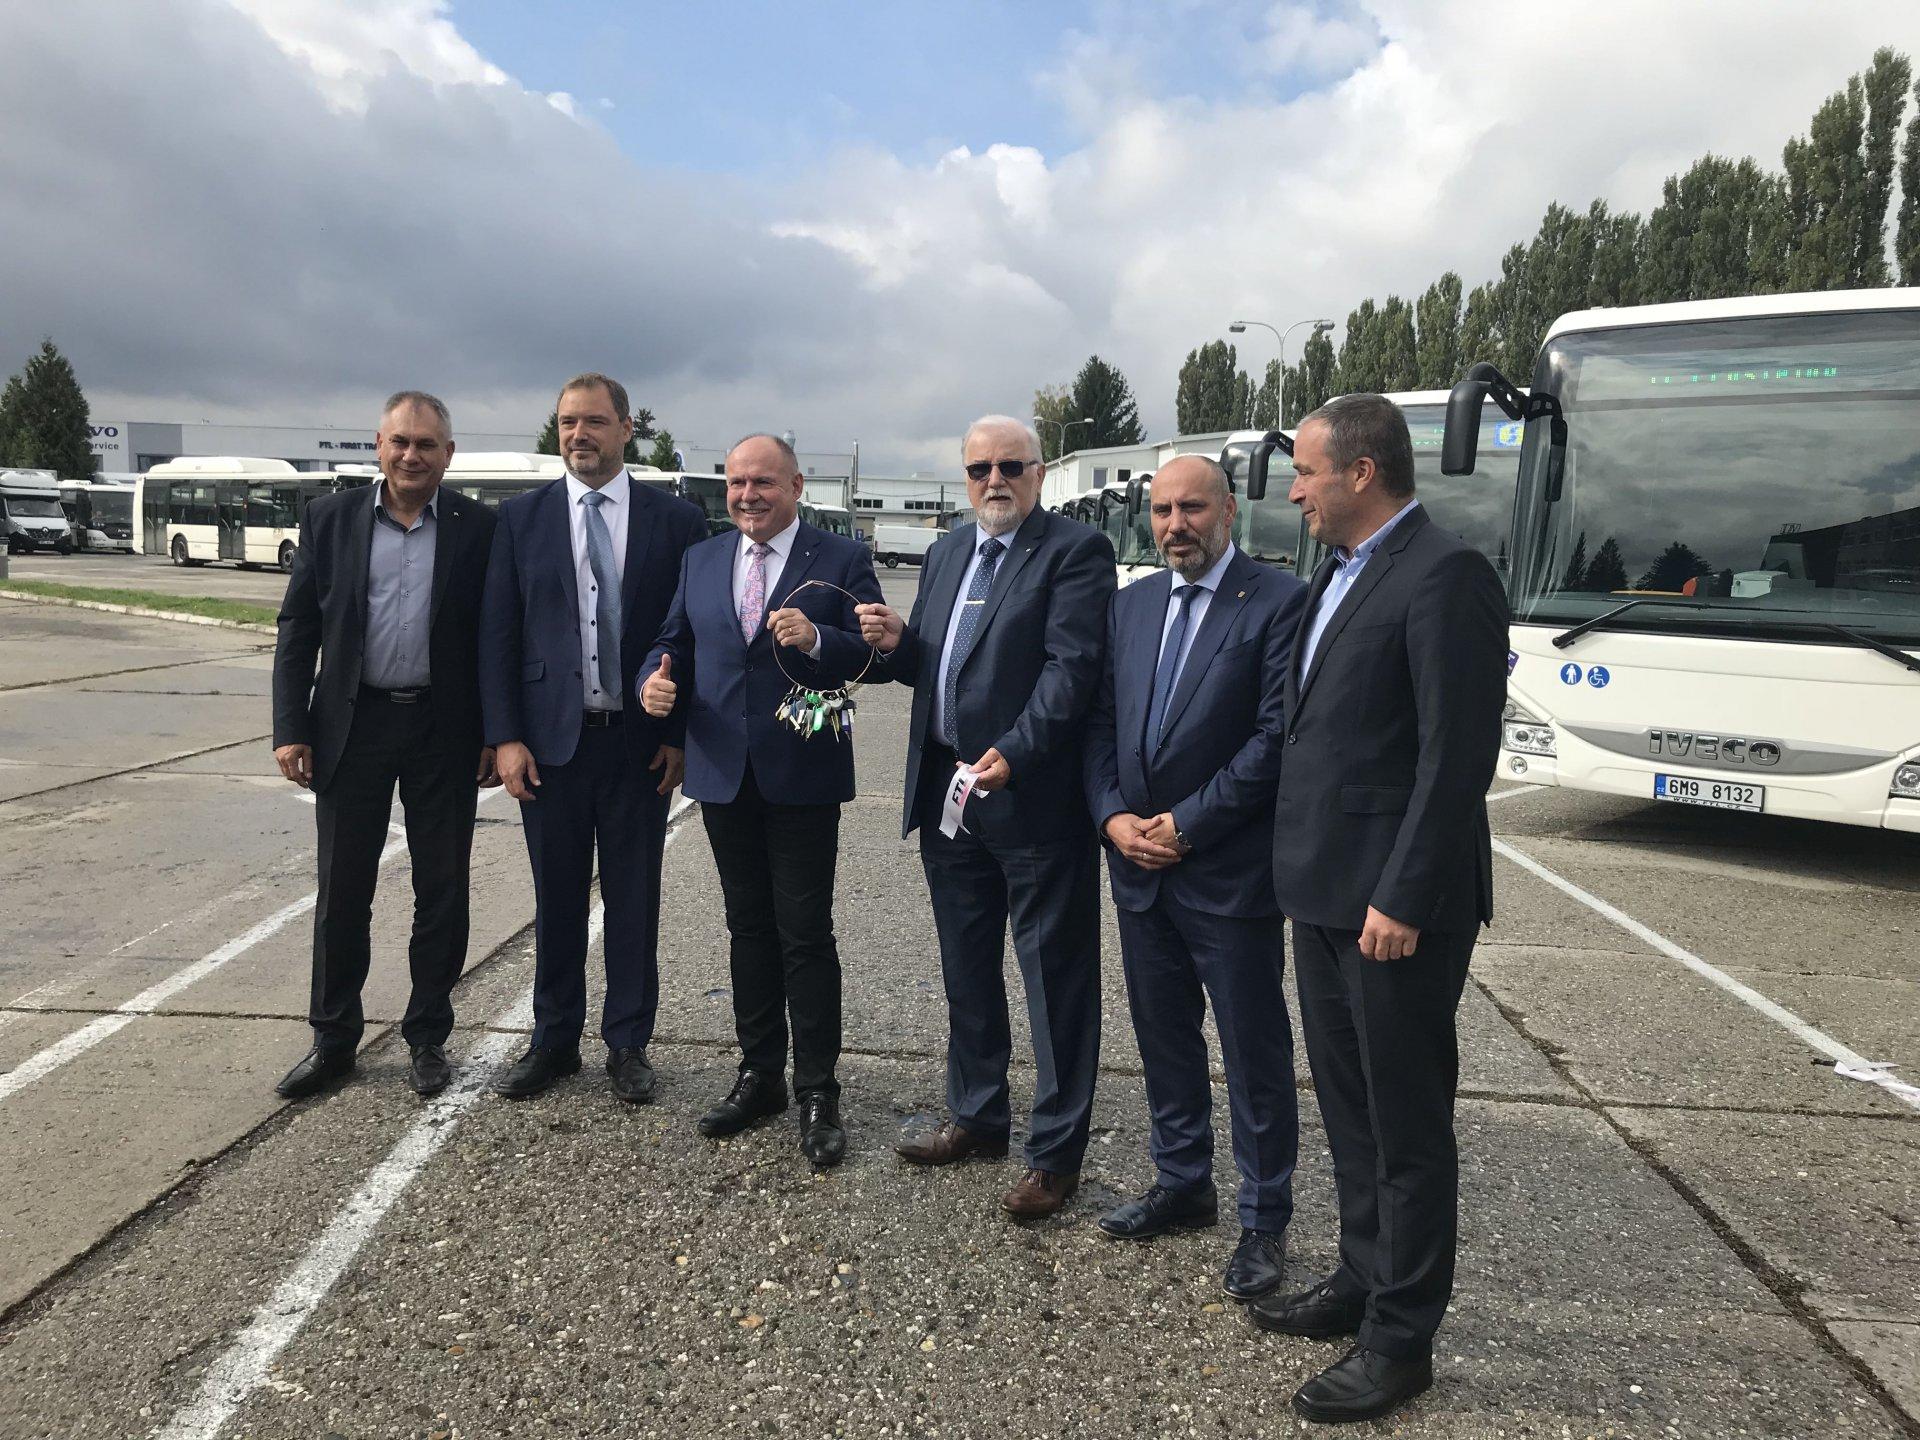 KAR group, a. s. předal společnosti FTL - First Transport Lines, a. s. nové příměstské autobusy IVECO Crossway Low Entry.